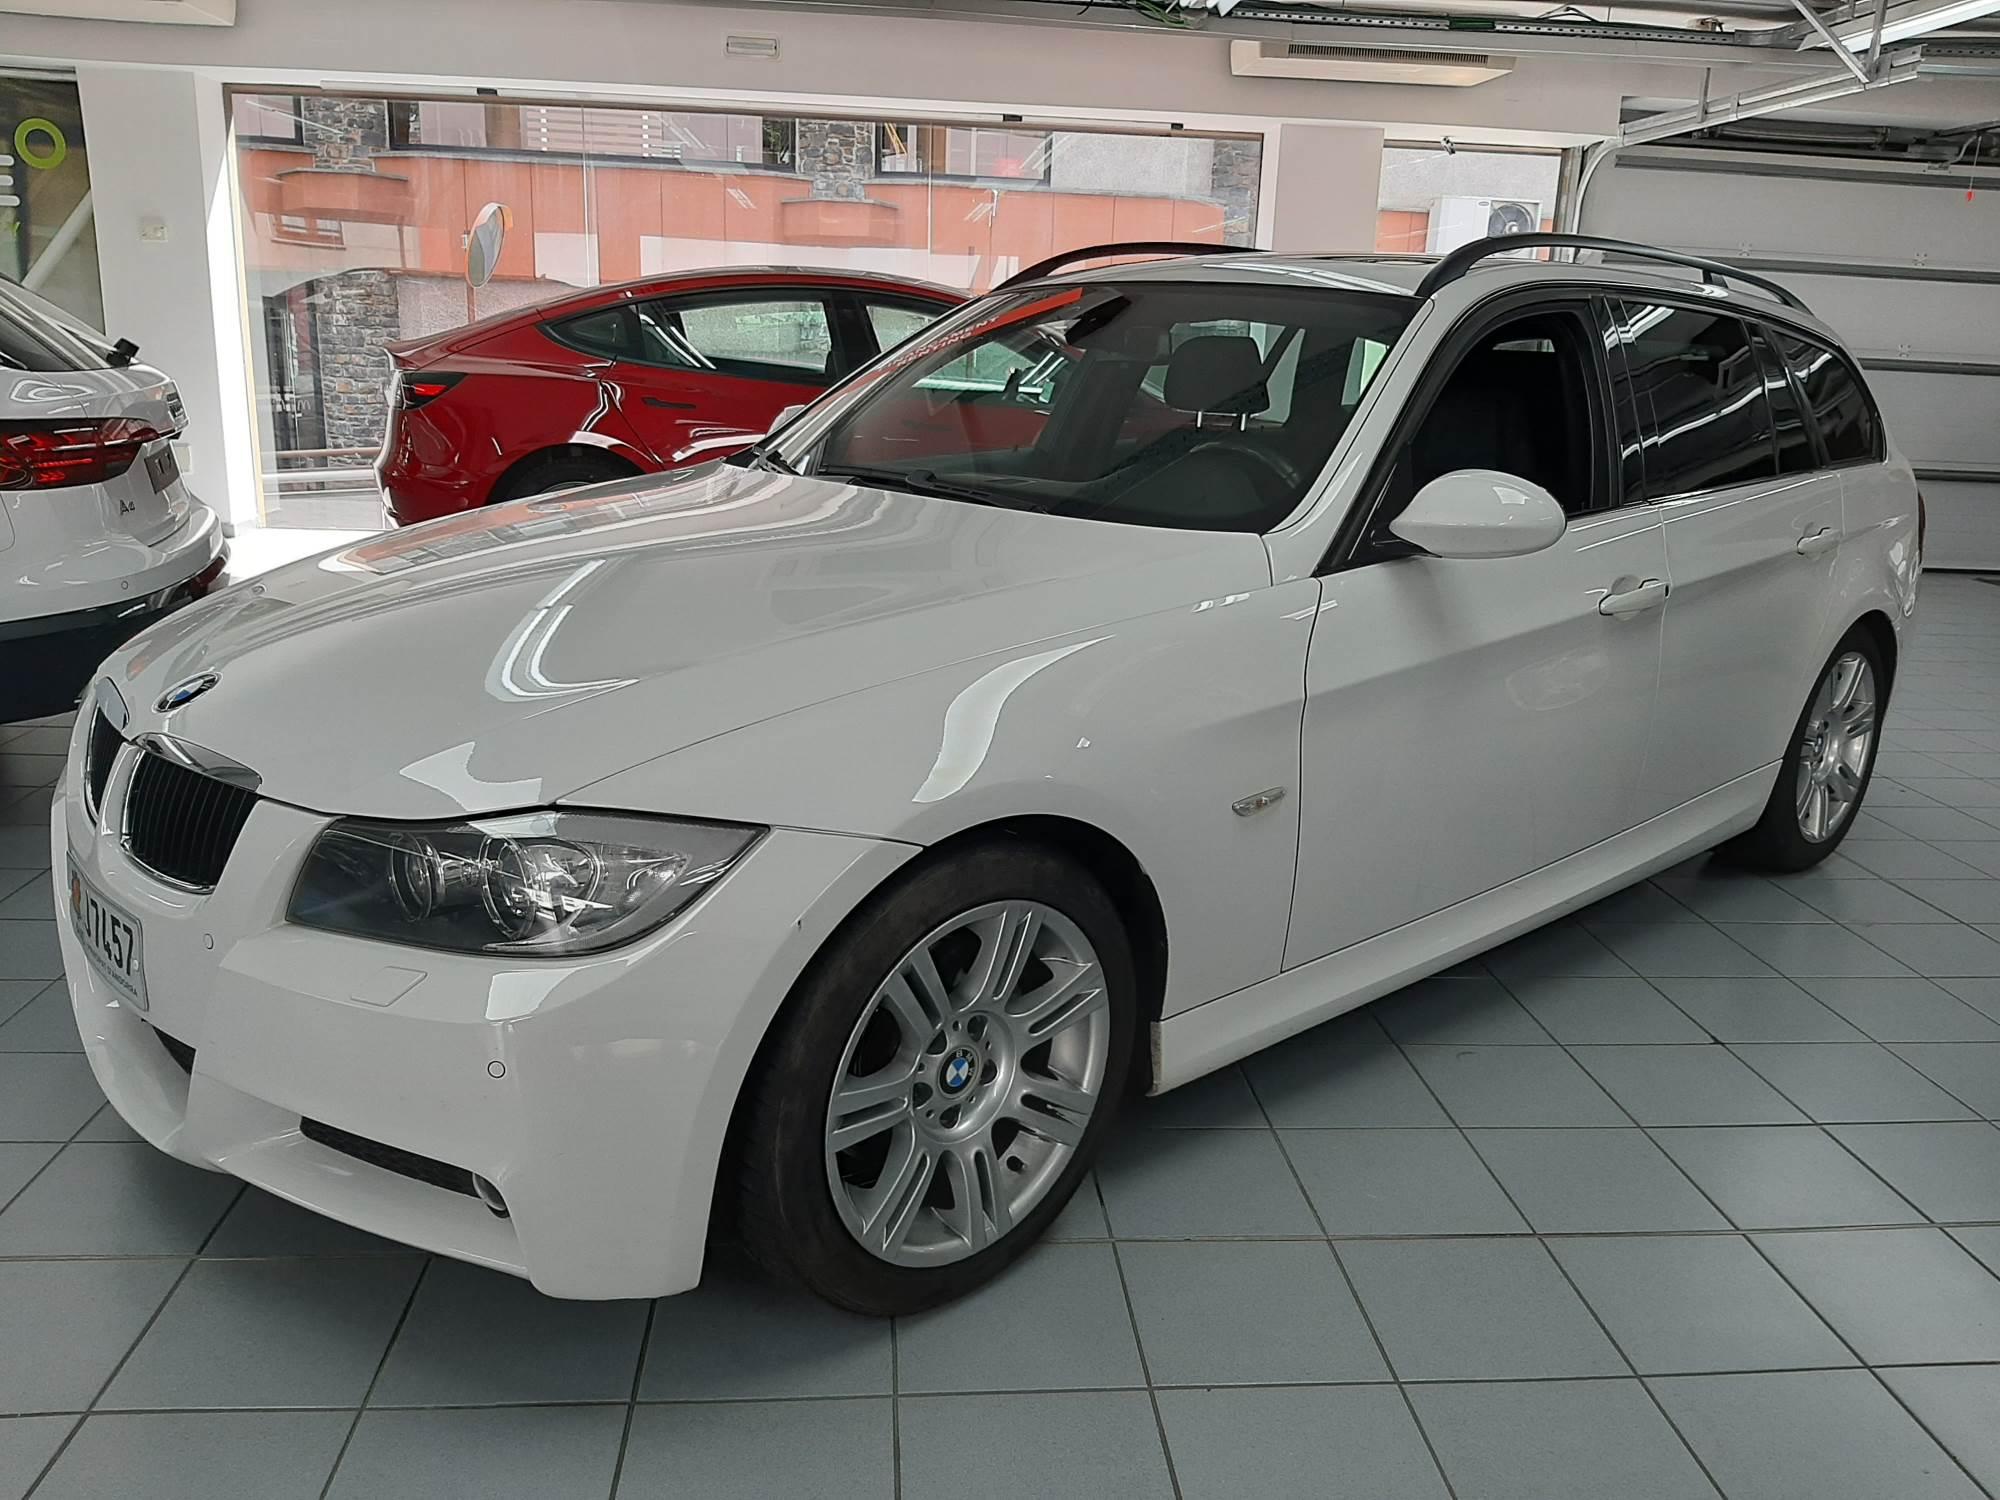 BMW - 320 D - 177CV AUTO  177CV AUTO  Dièsel  2008  120.776 Km